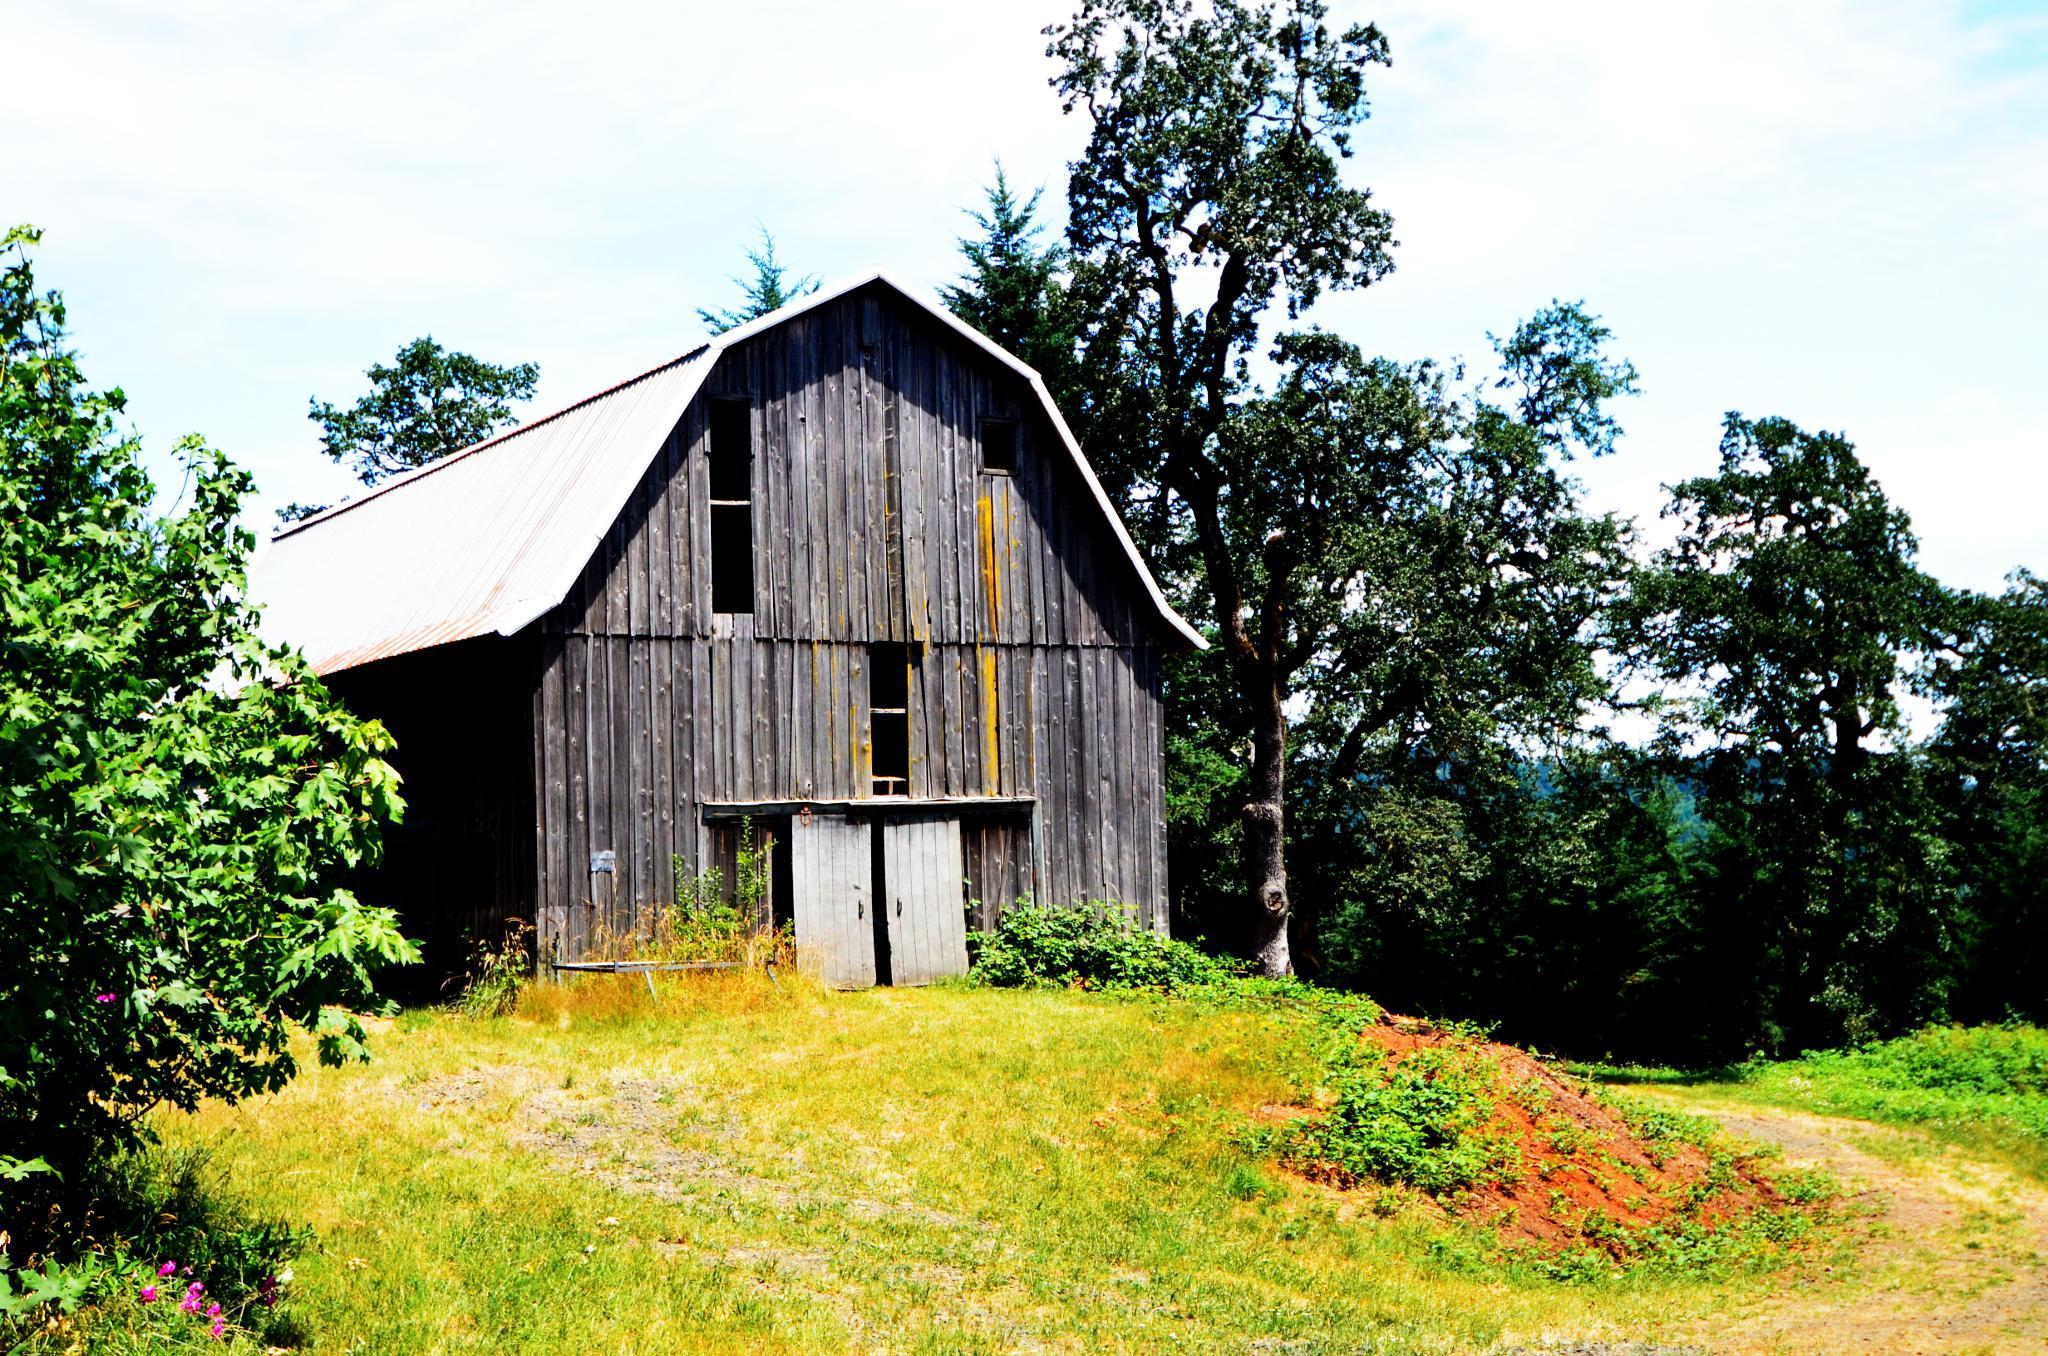 Old Barn 3 by Boonietunes